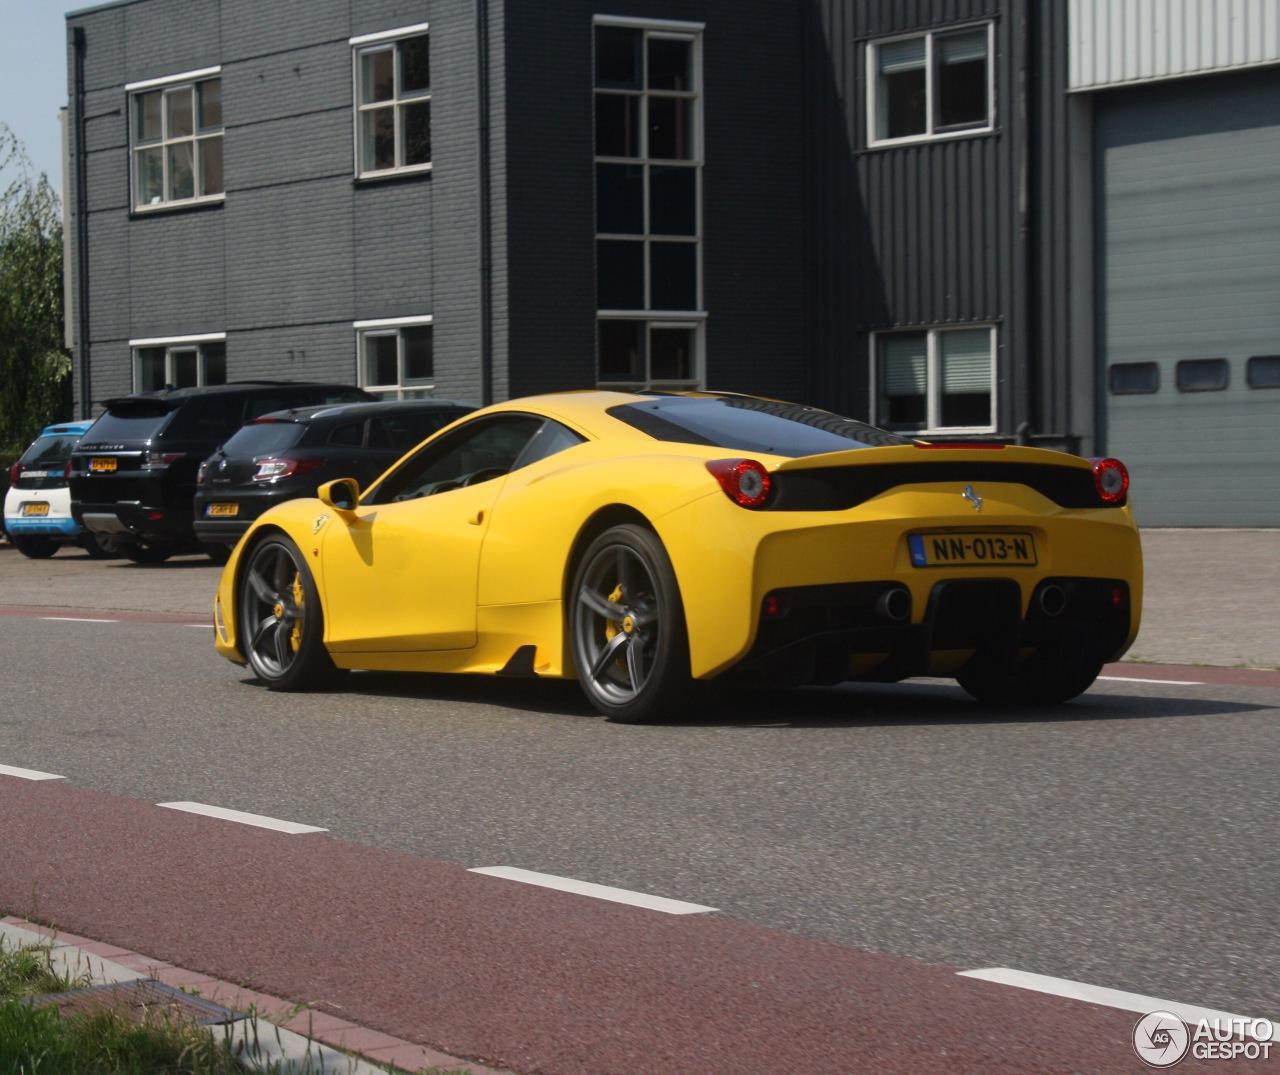 Ferrari 458 Speciale: Ferrari 458 Speciale